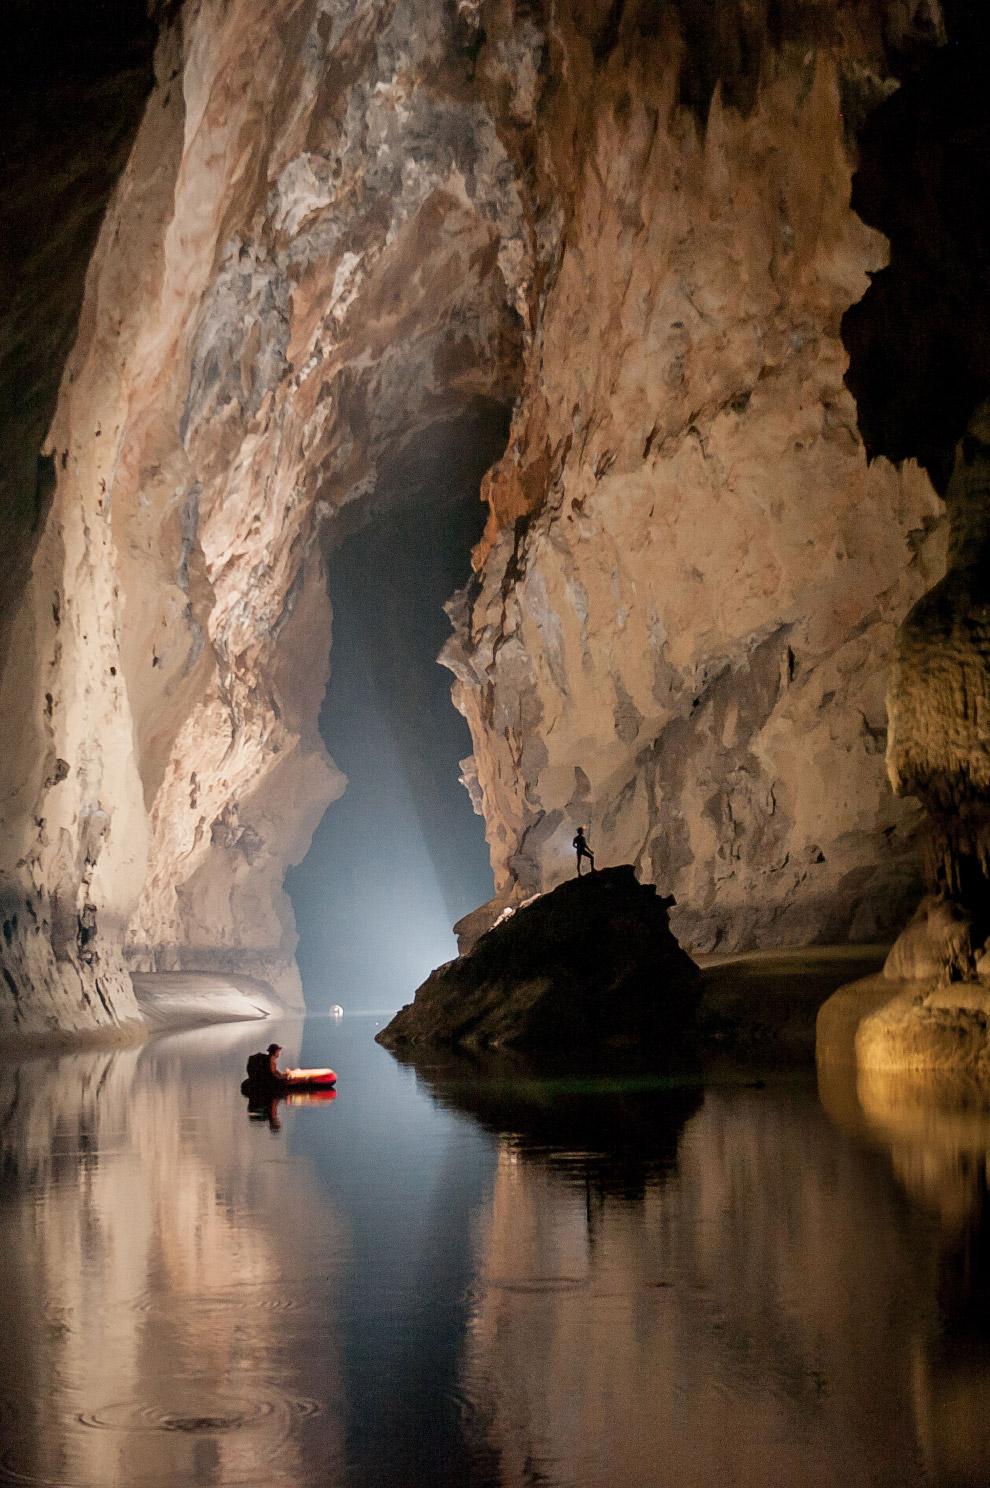 10. Пещерные виды адаптируются к полной темноте, причем многие из них утрачивают органы зрения